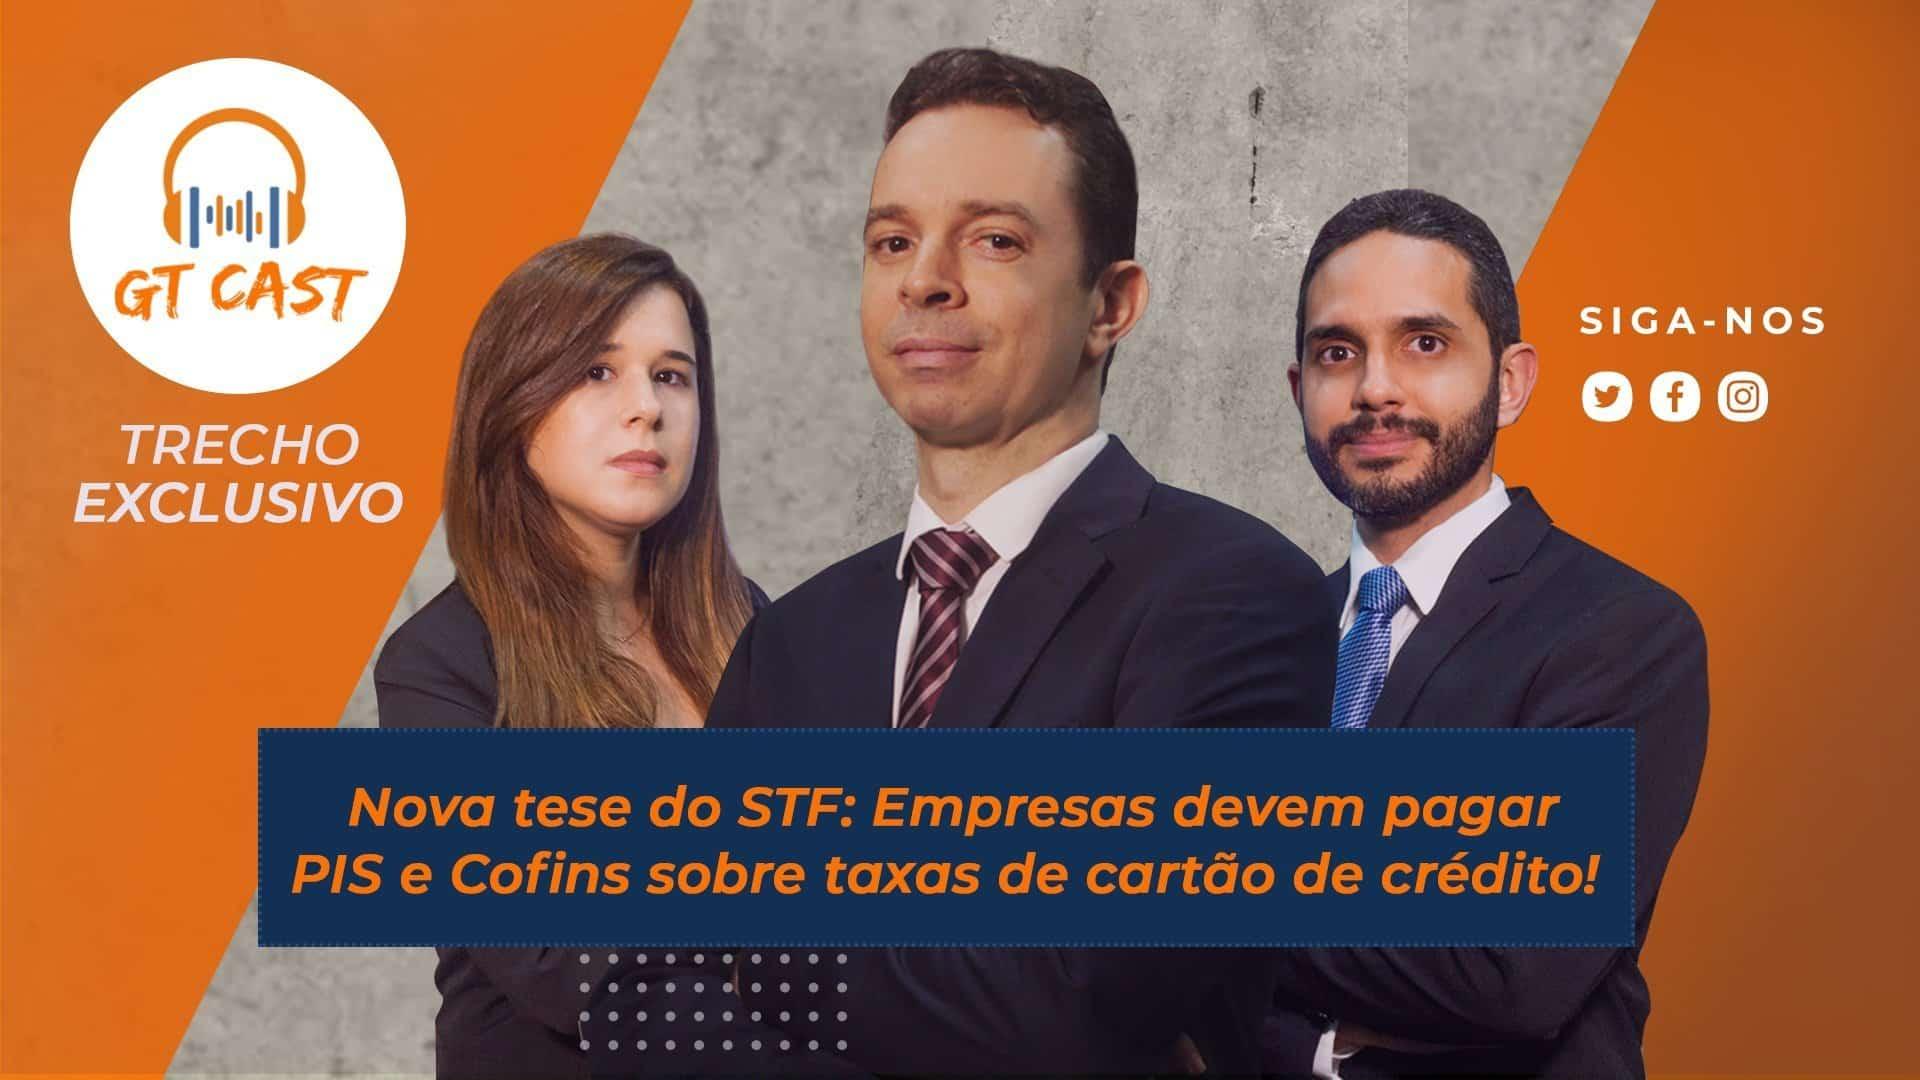 nova-tese-do-stf-empresas-devem-pagar-pis-e-cofins-sobre-taxas-de-cartao-de-credito